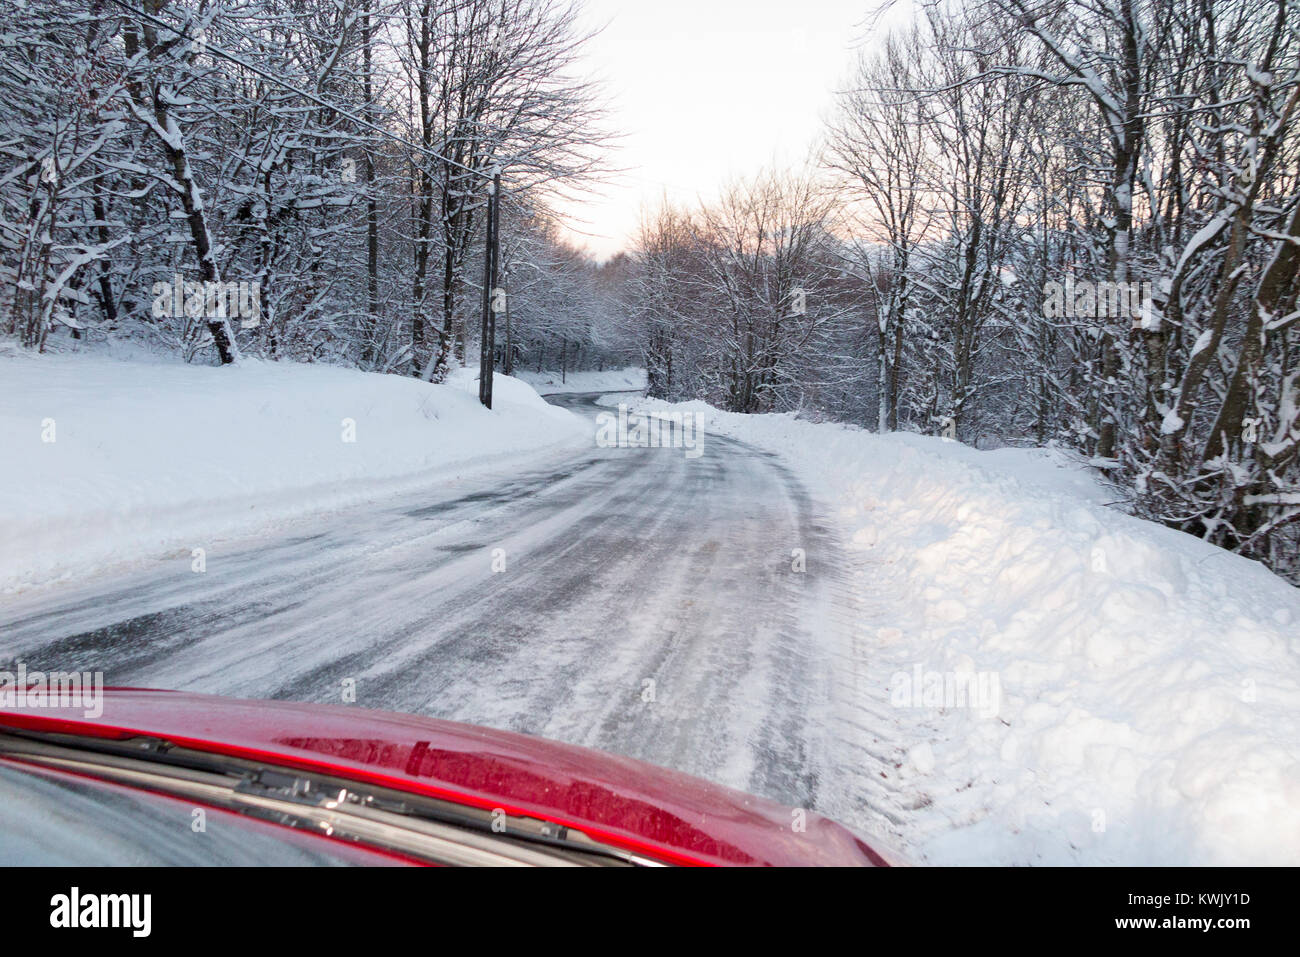 Neige glissante recouverte de glace alpine française country road, avec de la glace, après un blizzard, vu à travers le pare-brise de l'intérieur de la voiture à la tombée de la nuit. Alpes Banque D'Images